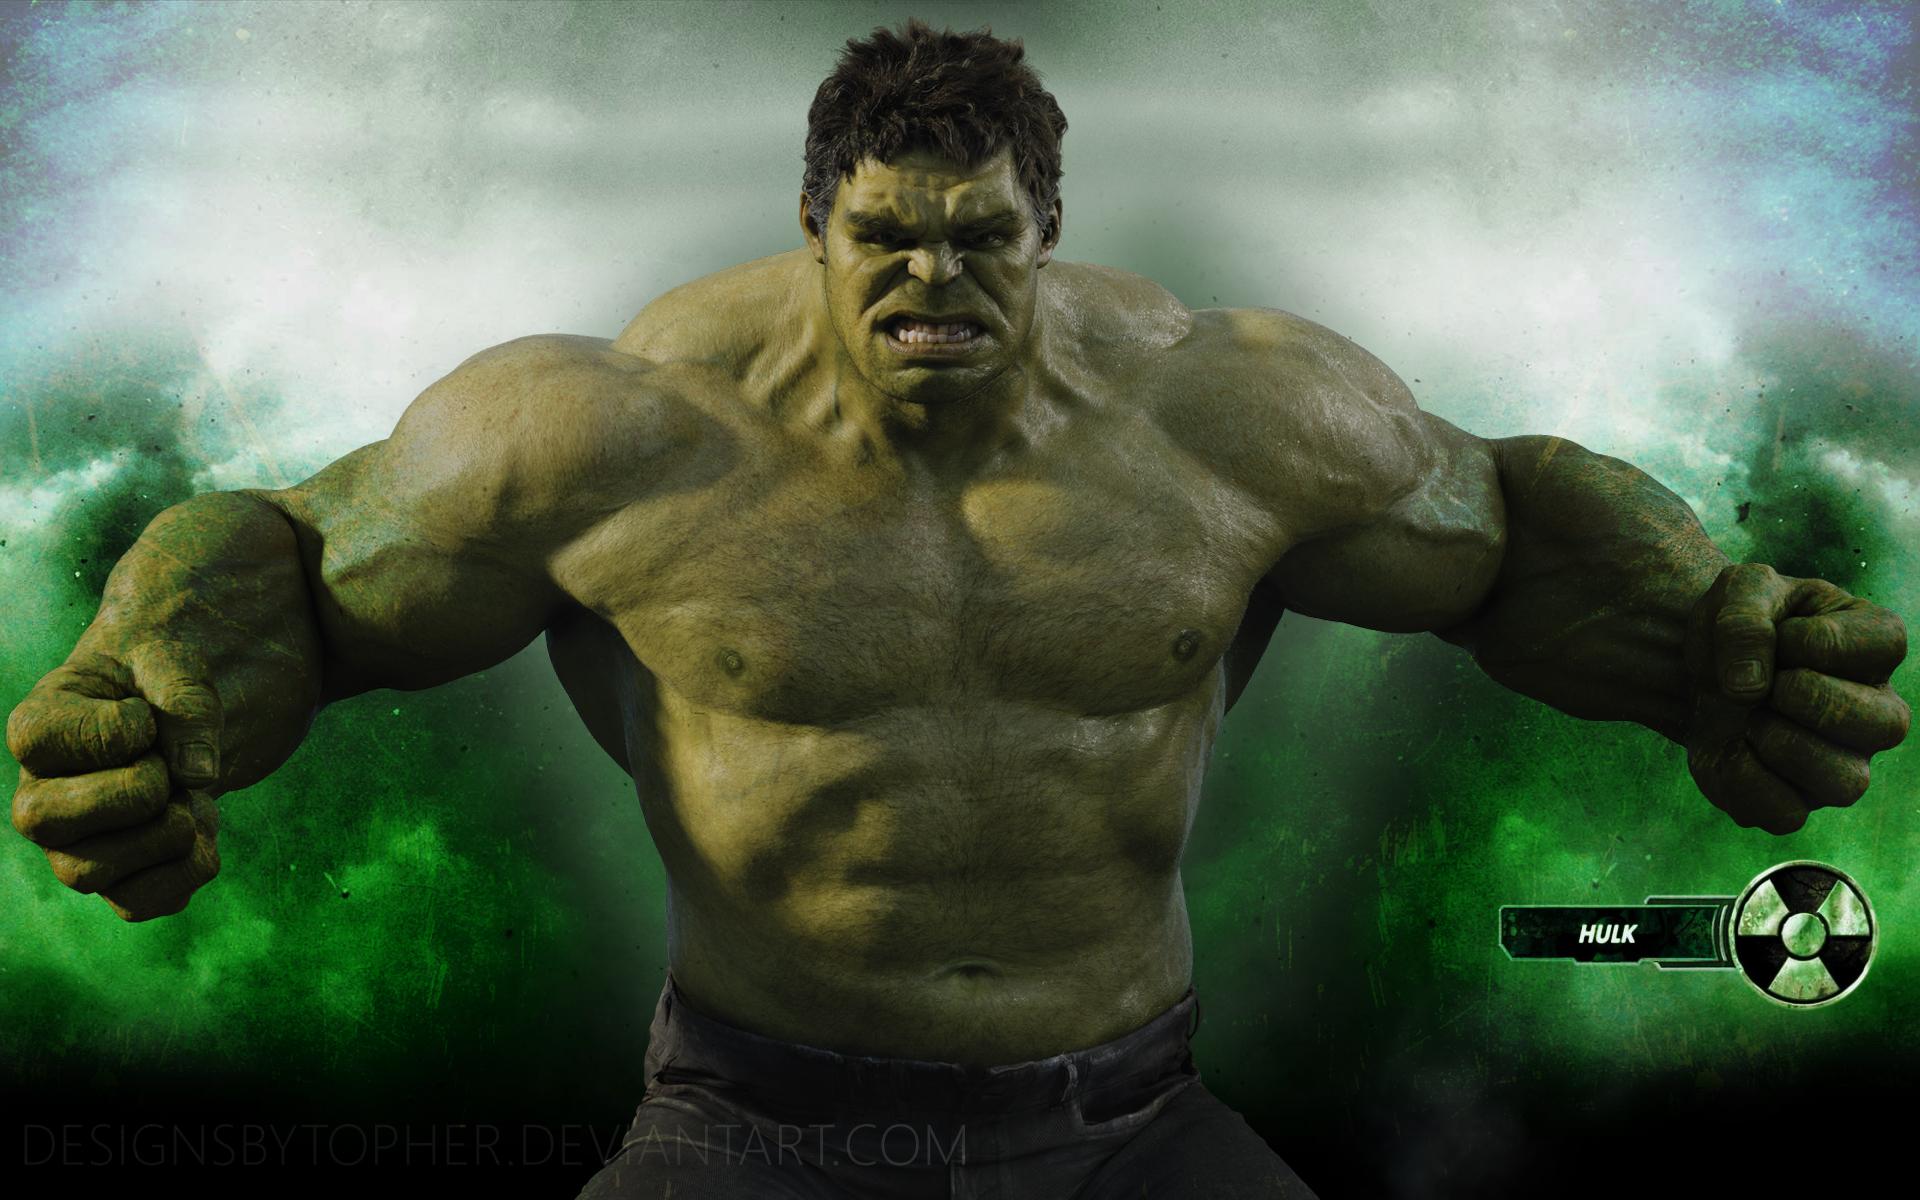 47 hulk hd wallpapers 1080p on wallpapersafari - Incredible hulk wallpaper avengers ...